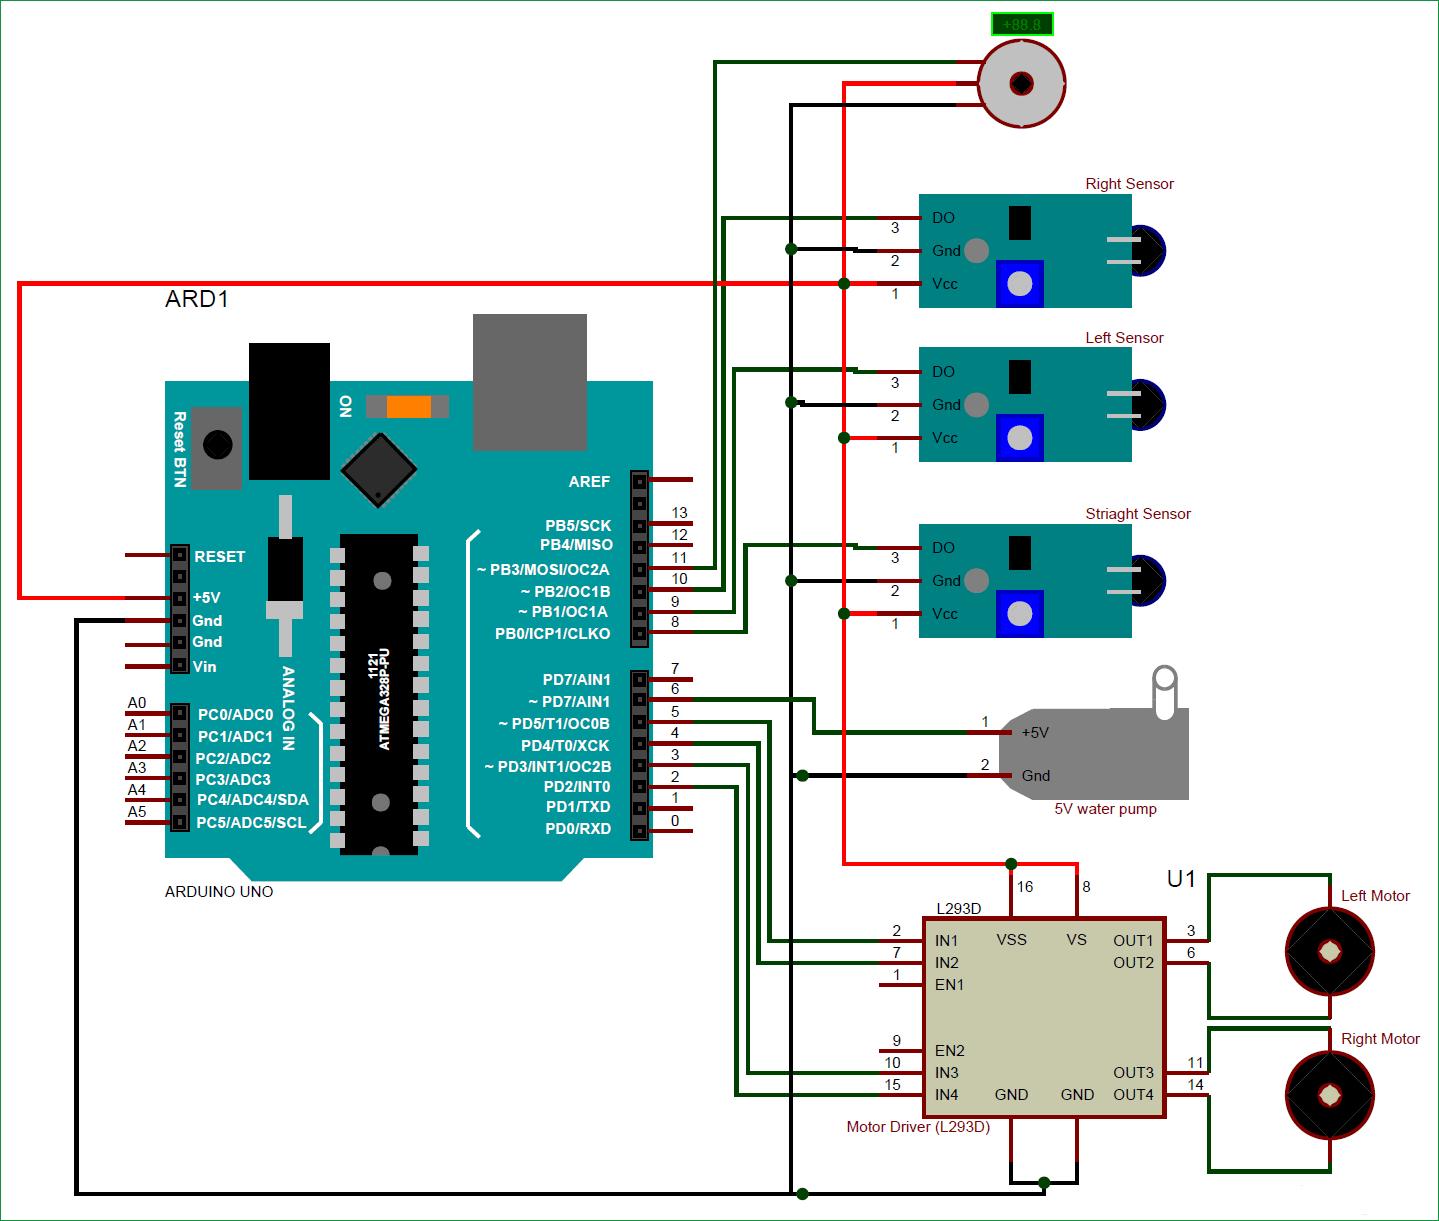 Схема робота для борьбы с огнем на основе Arduino